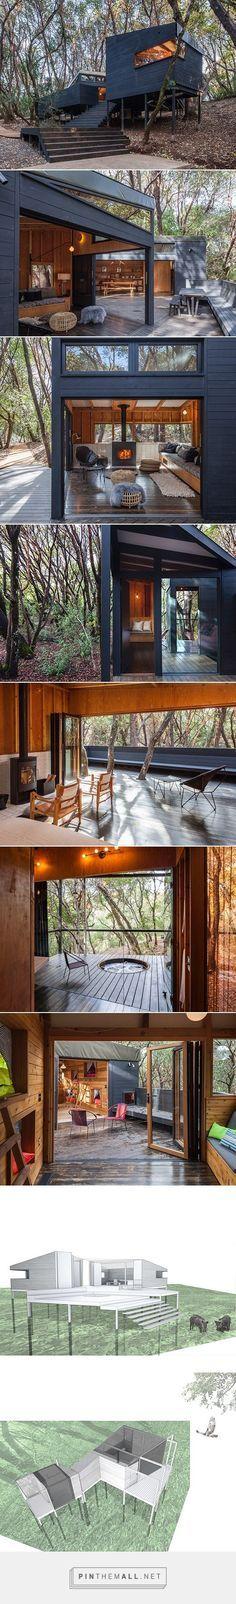 erstaunliches chalet design zu ihres winter chalet - Buro Zu Hause Mit Seestuckunglaubliche Bild